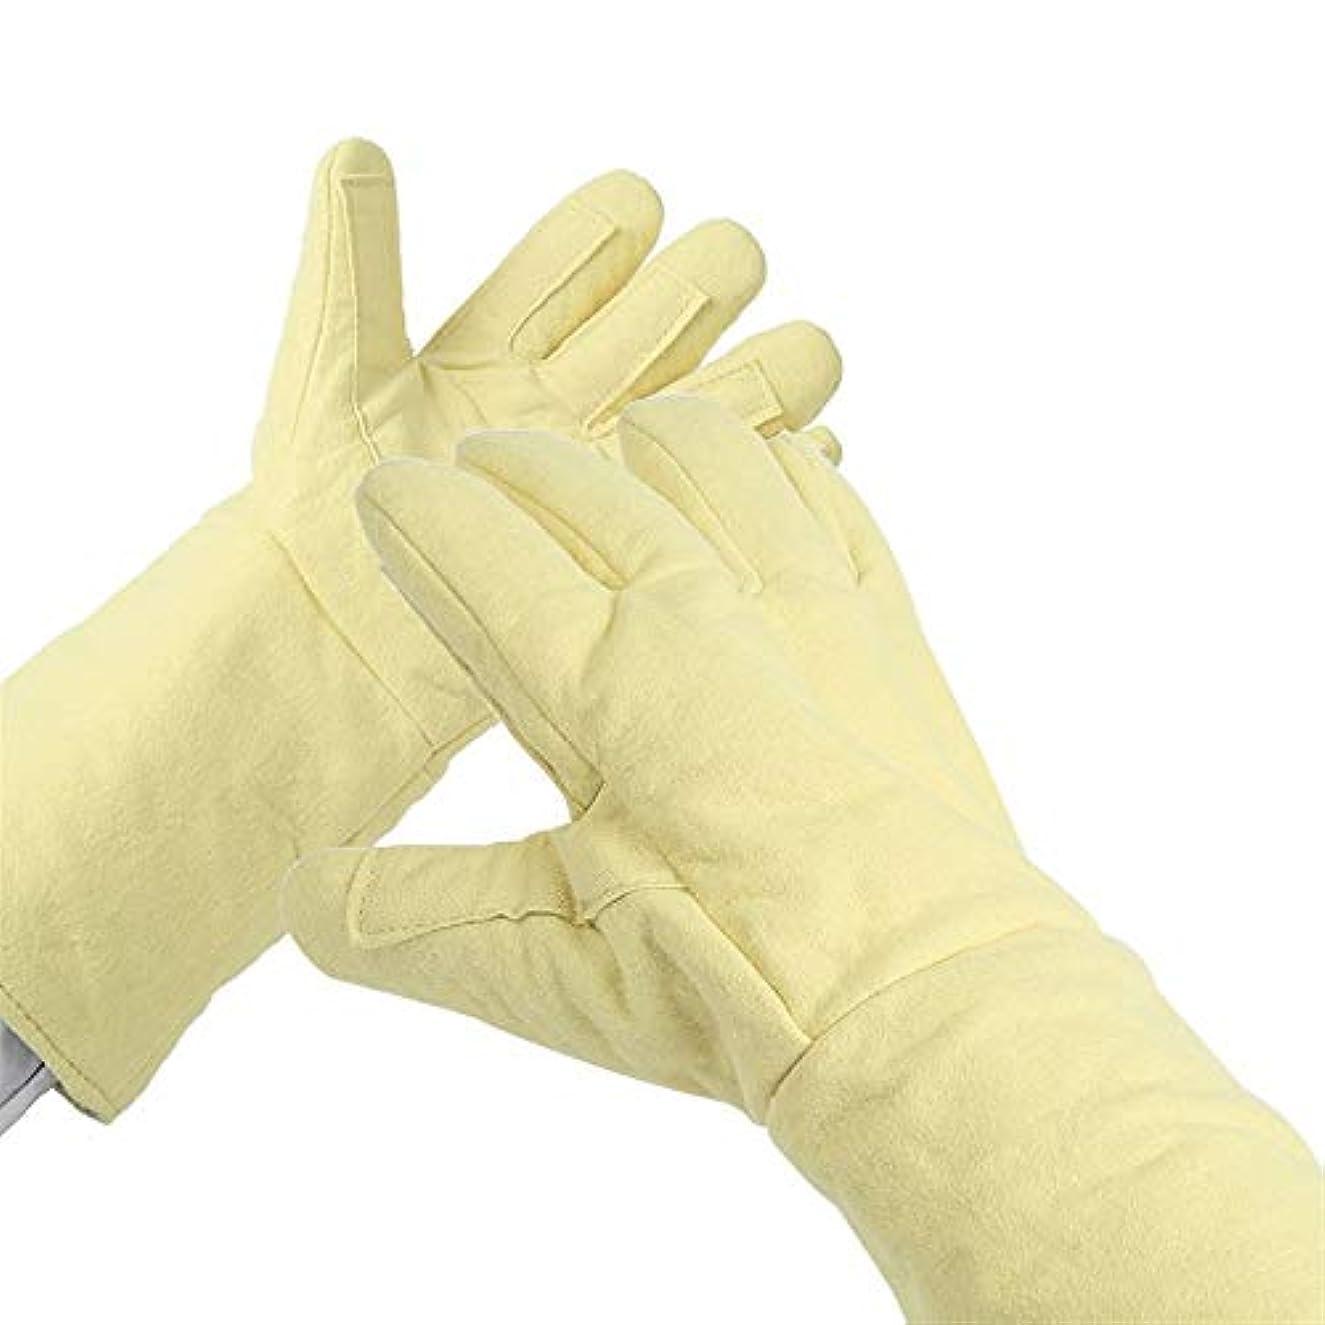 控える罪悪感国MDYJP 高温耐性 手袋 アンチカッティング ハンド 穿刺 保護 産業労働者 耐摩耗性 手袋 (Color : Yellow, Size : L)